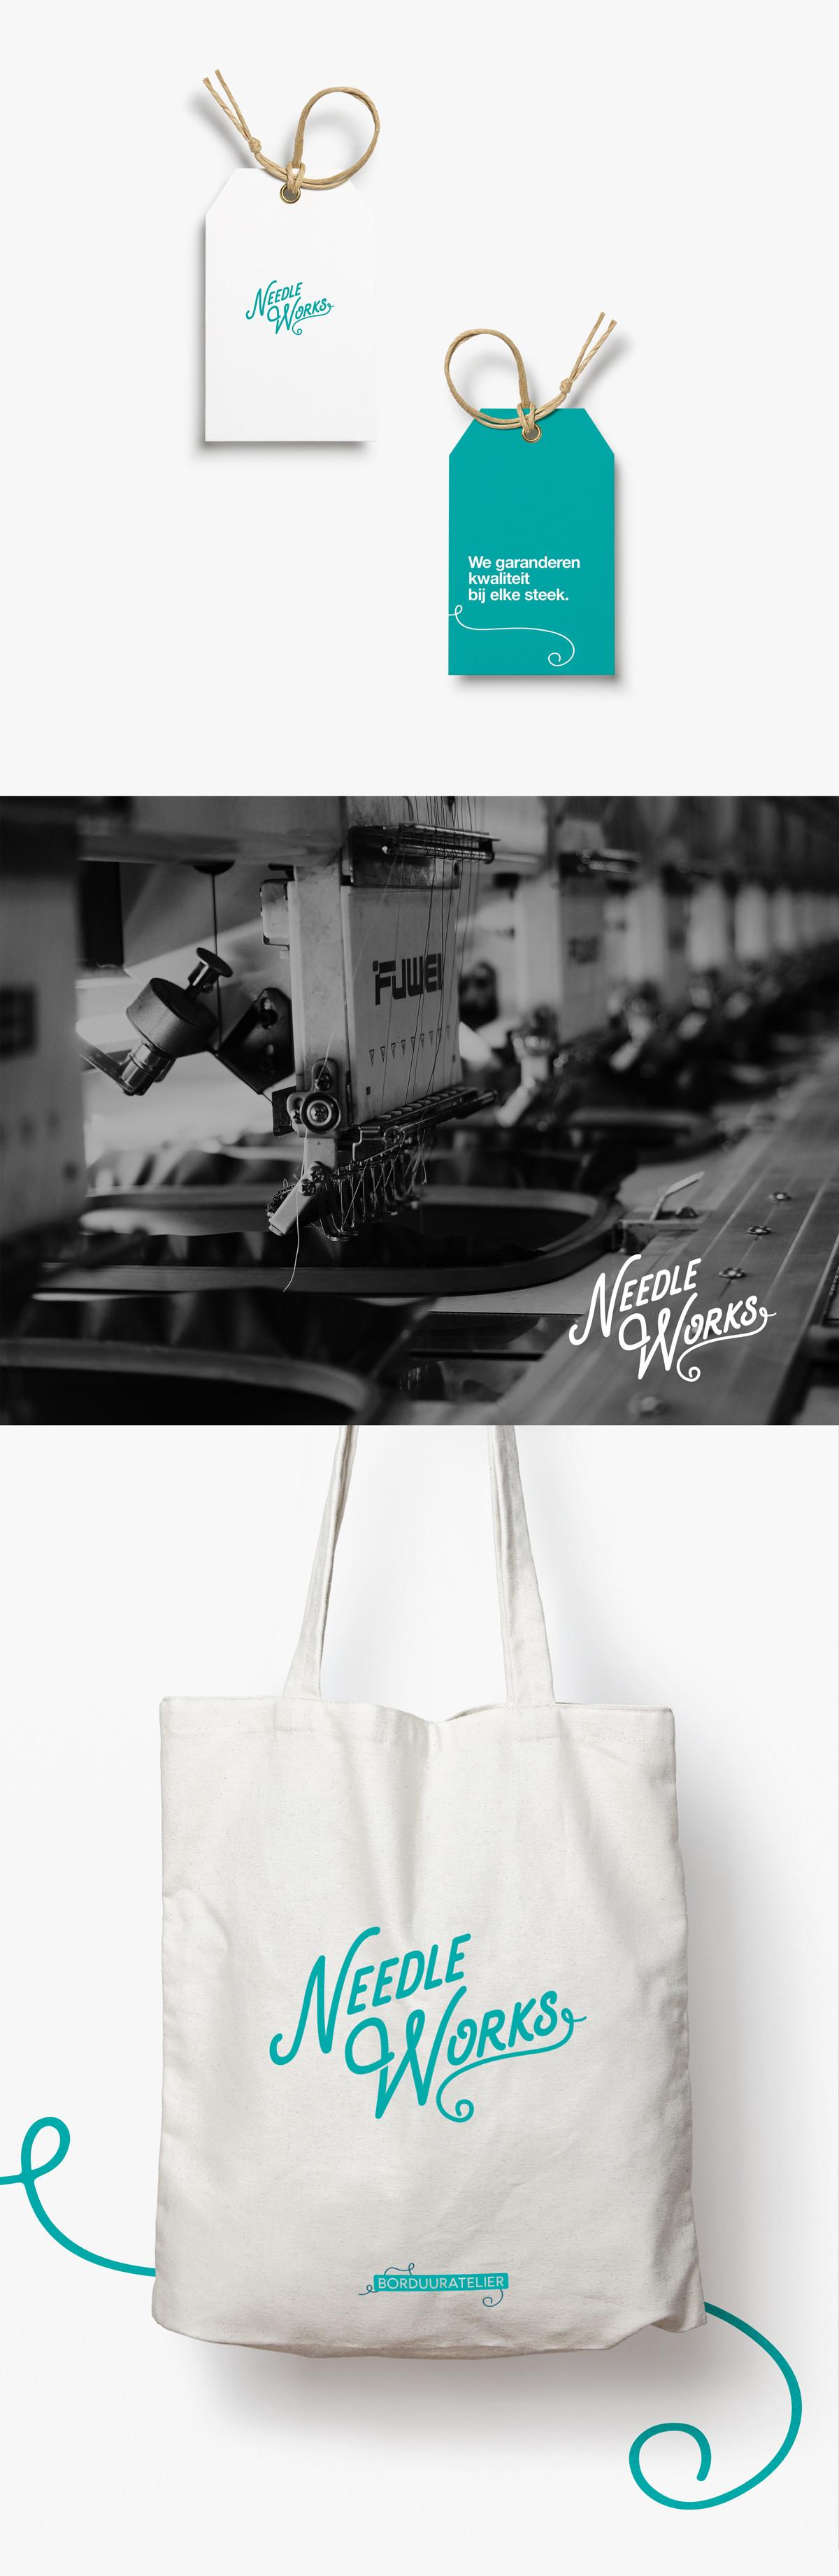 NeedleWorks_WEB_01.2